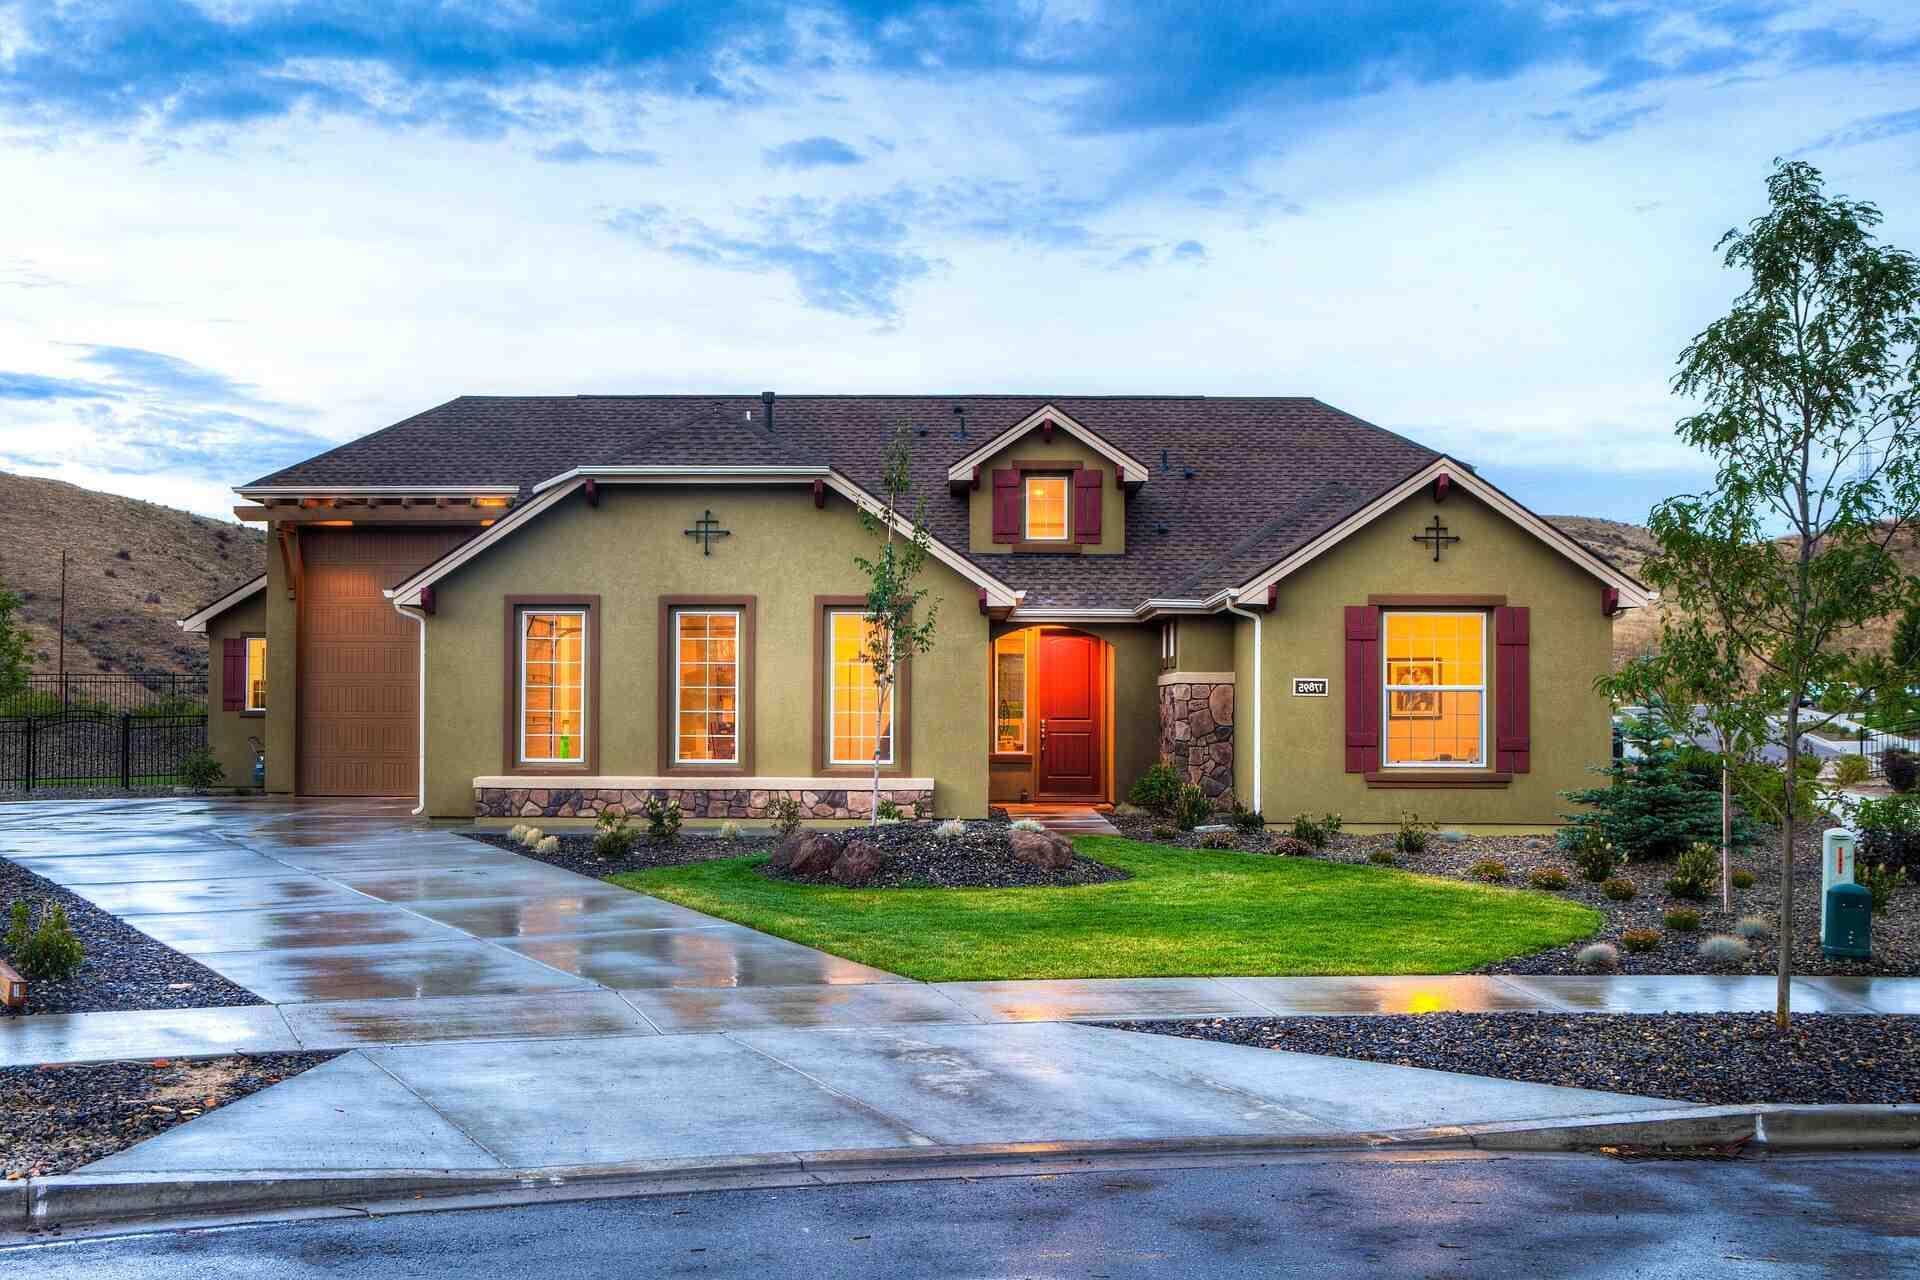 Comment vendre votre maison rapidement sans agent?